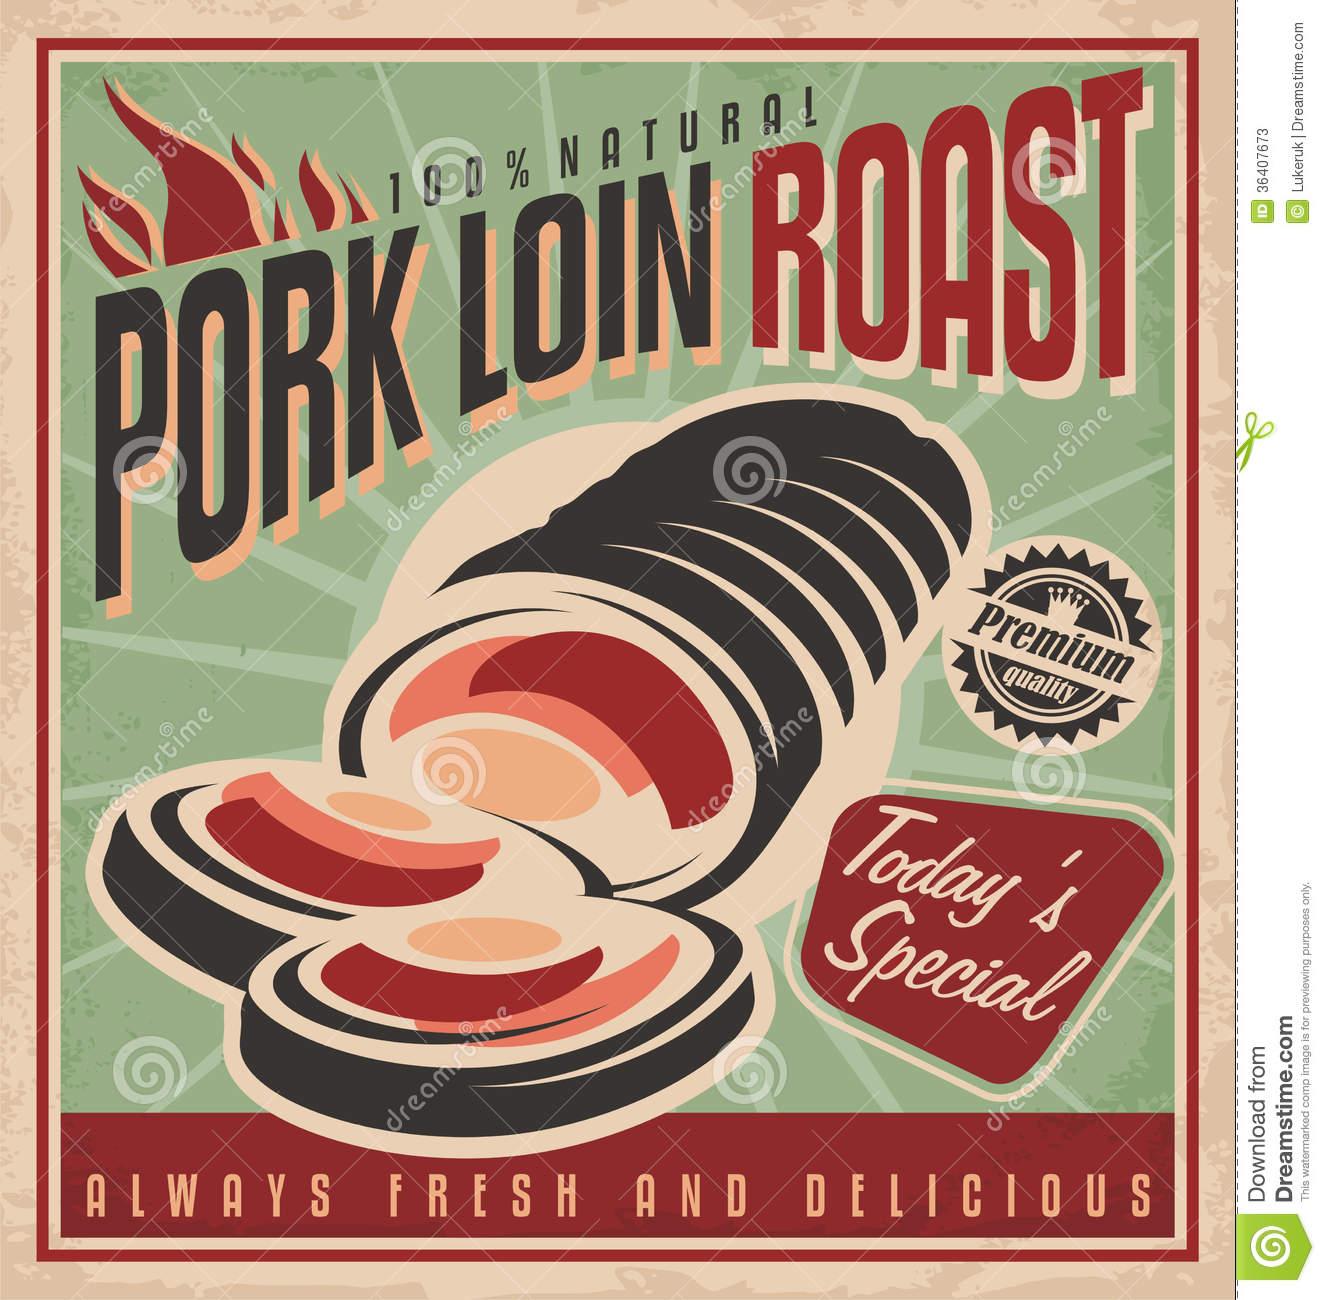 Pork loin dinner clipart.